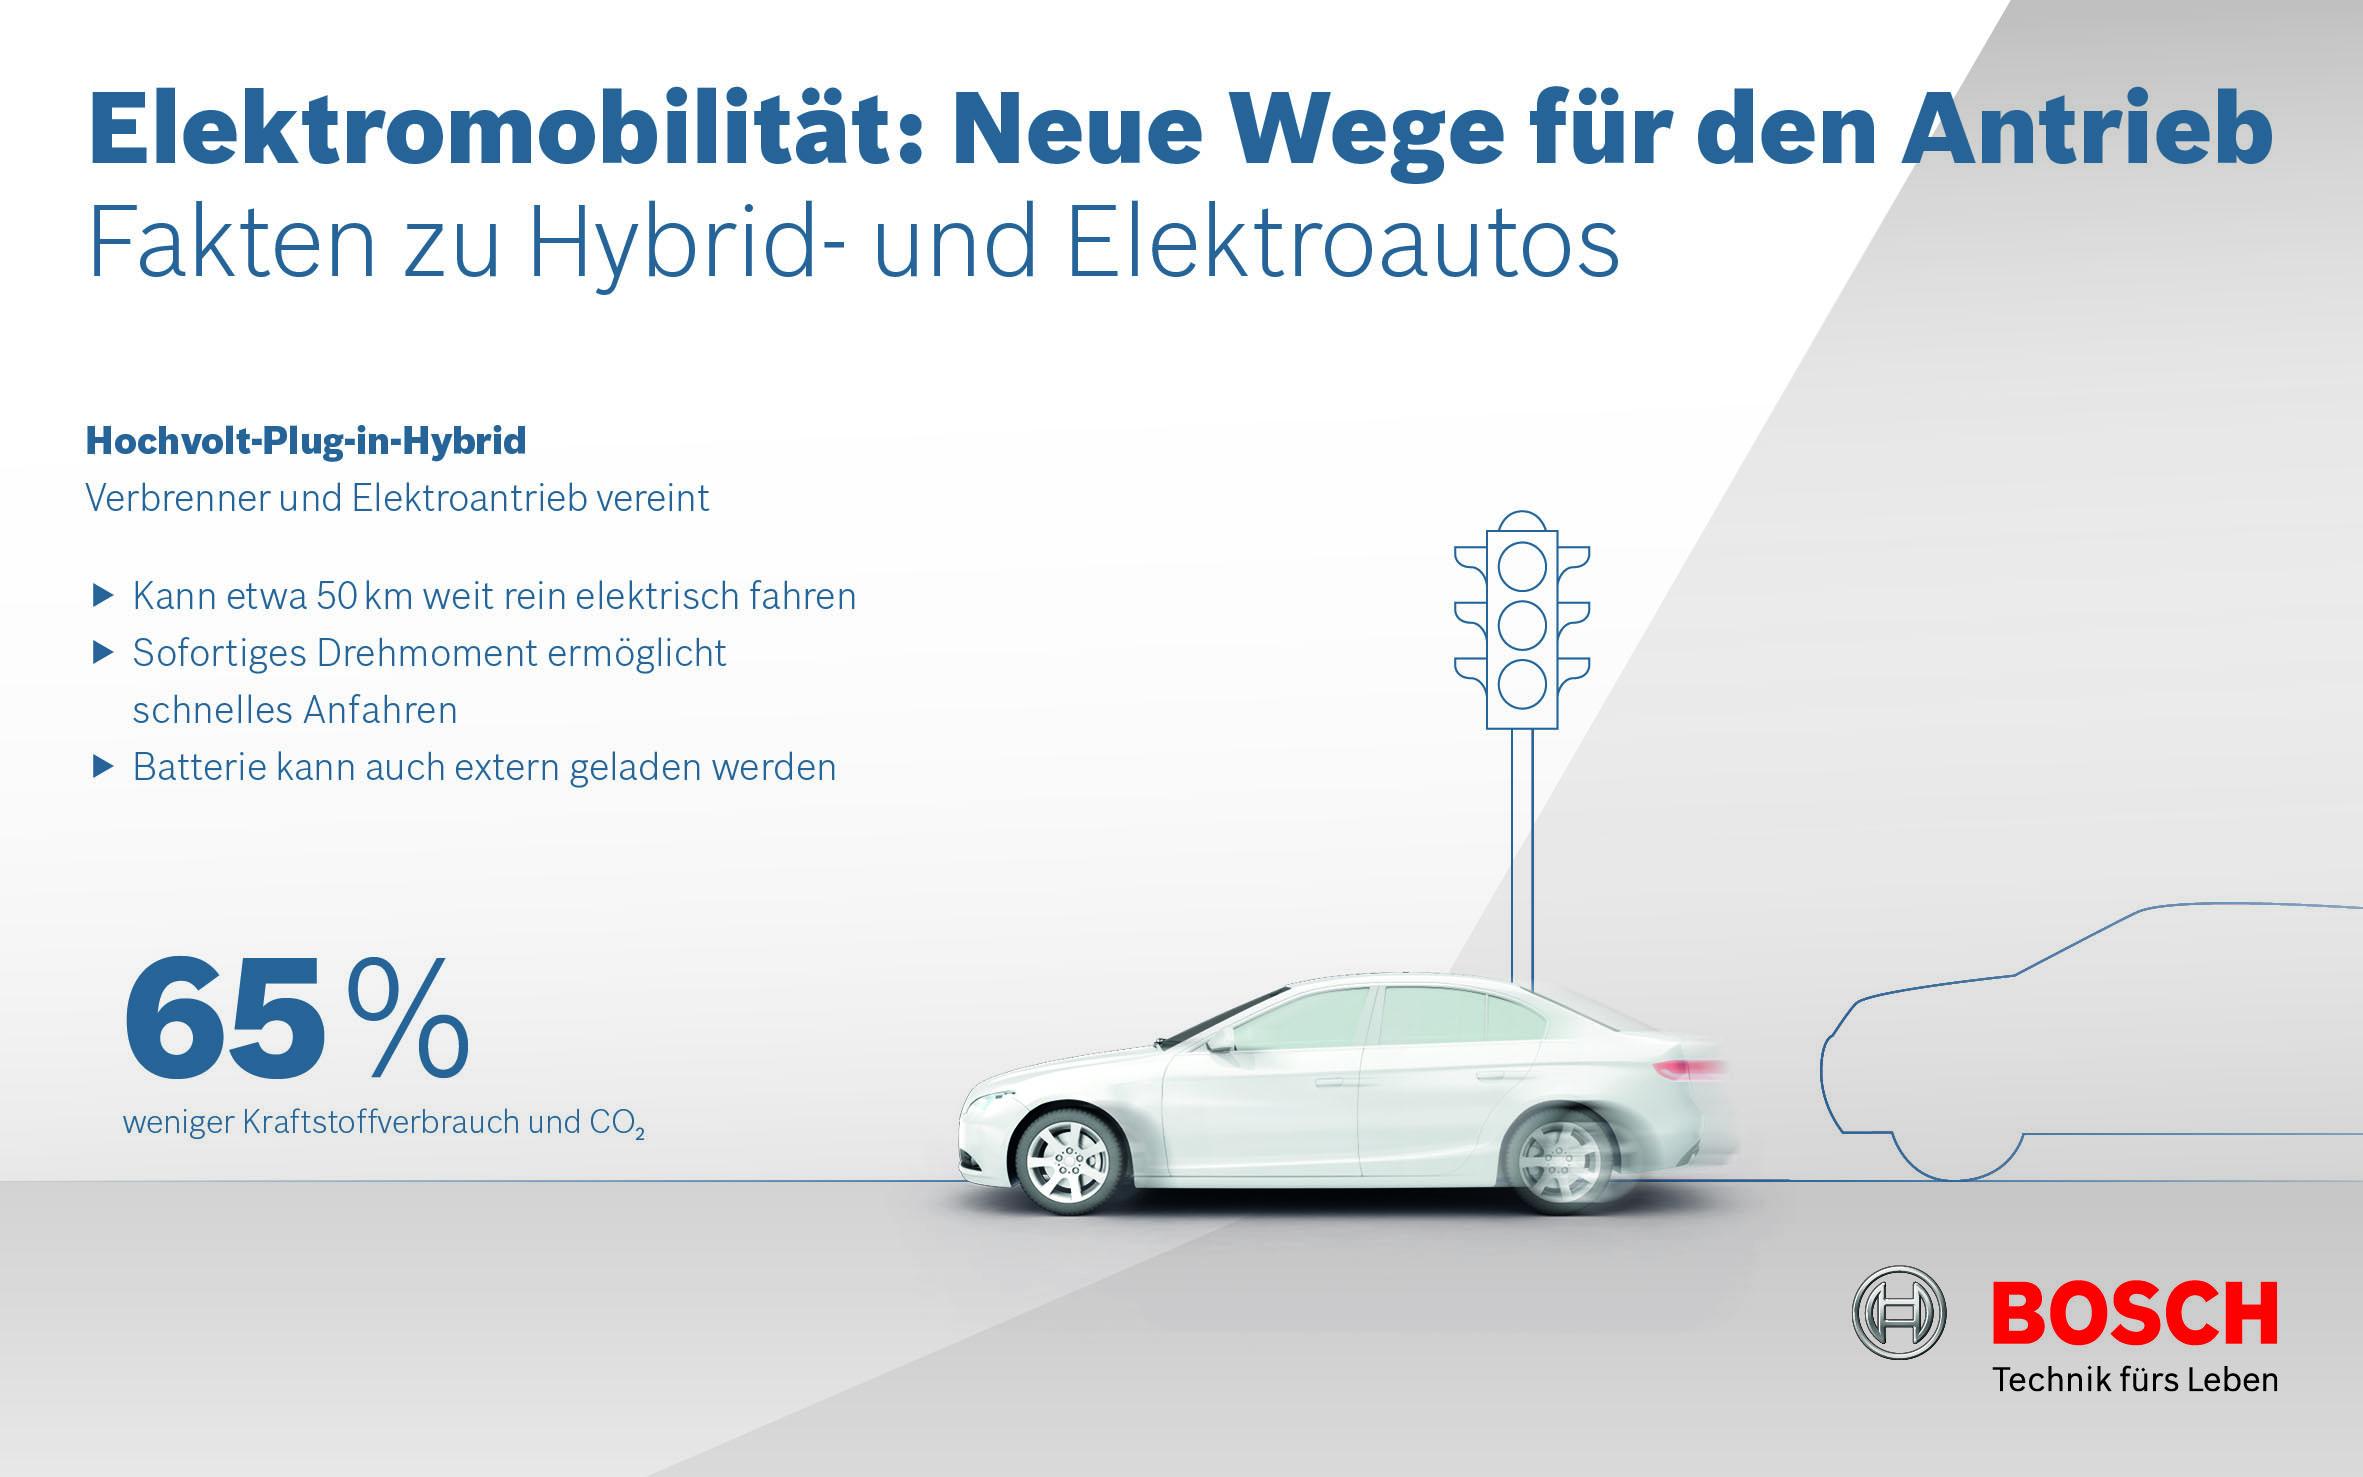 Gemütlich Schaltplan Für Elektroautos Und Motorrad Bilder ...